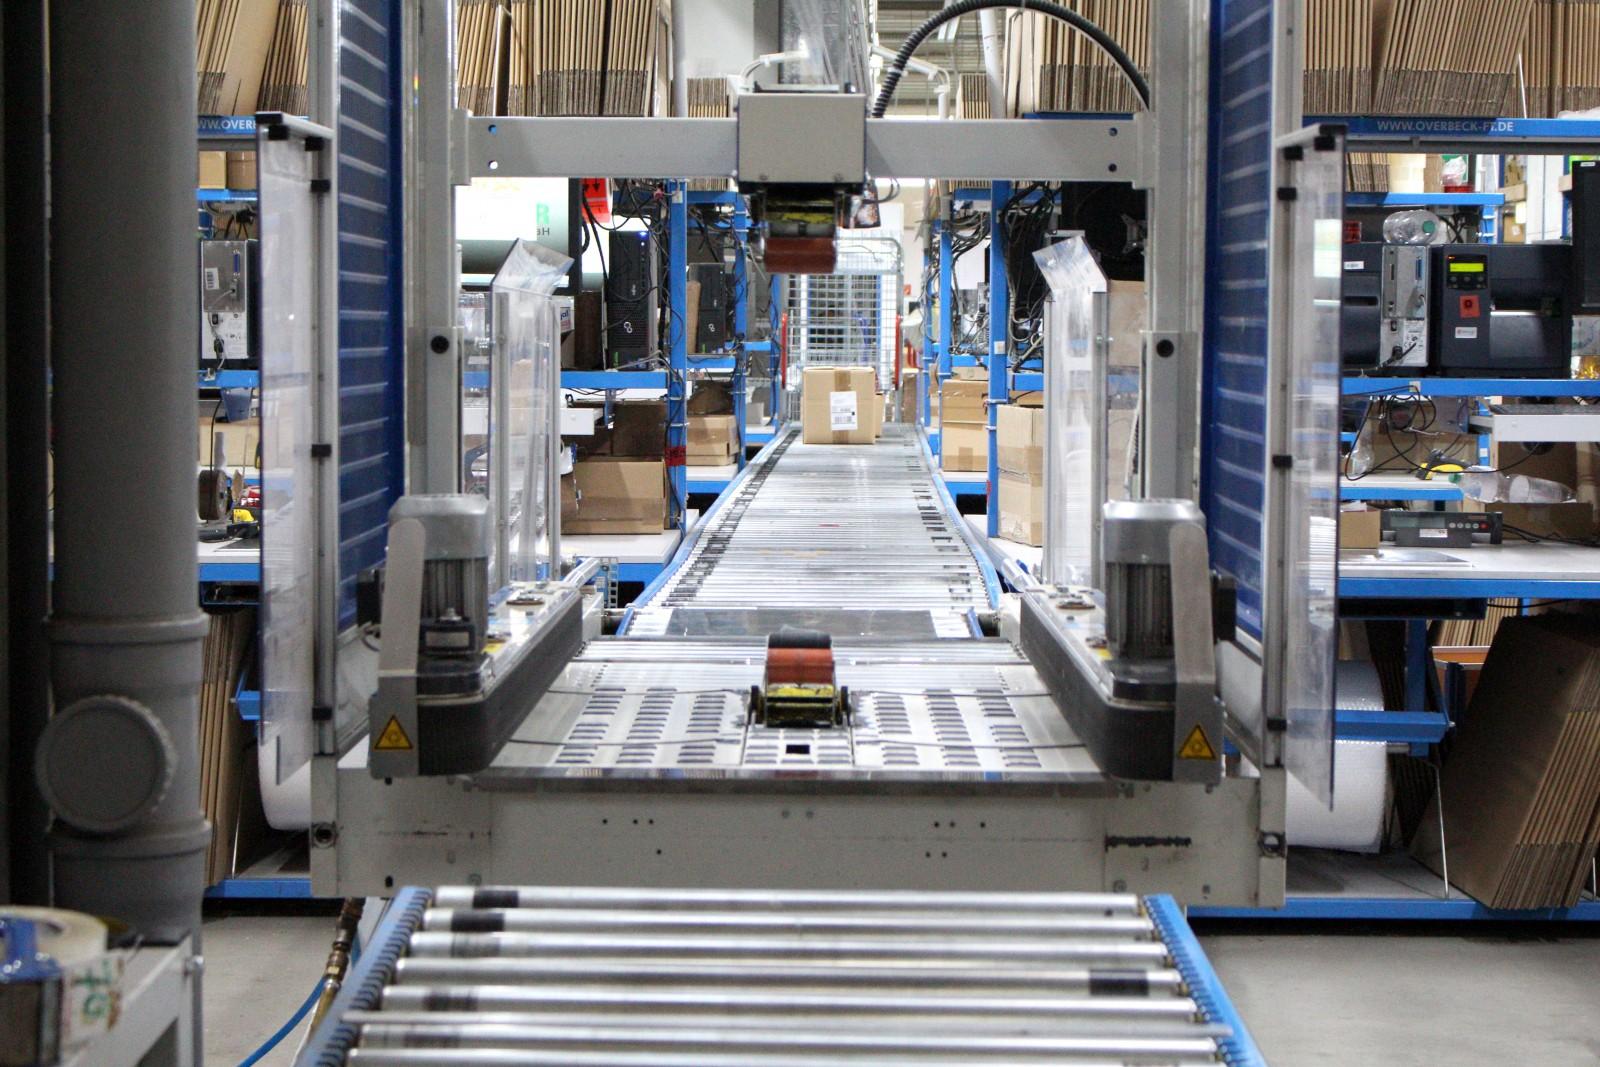 Autoteile Post - effiziente Logistikprozesse für eine optimale Teileversorgung